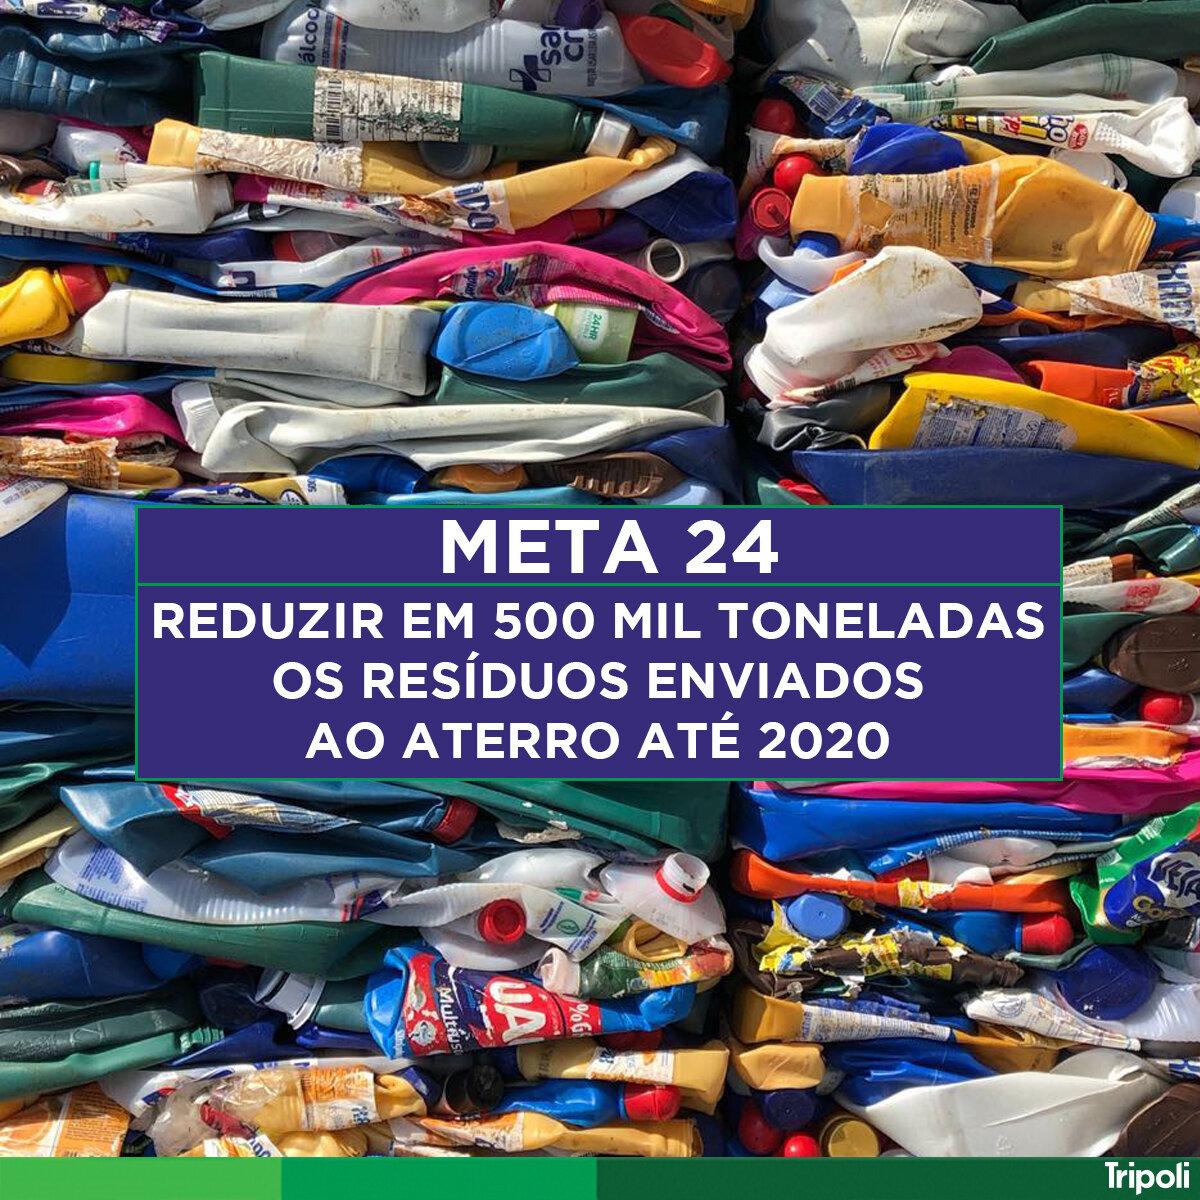 #ReciclaSampa é o programa de Metas de Desenvolvimento Urbano e Meio Ambiente da cidade de São Paulo. Visite o site reciclasampa.com.br e veja como colaborar com a reciclagem do município.